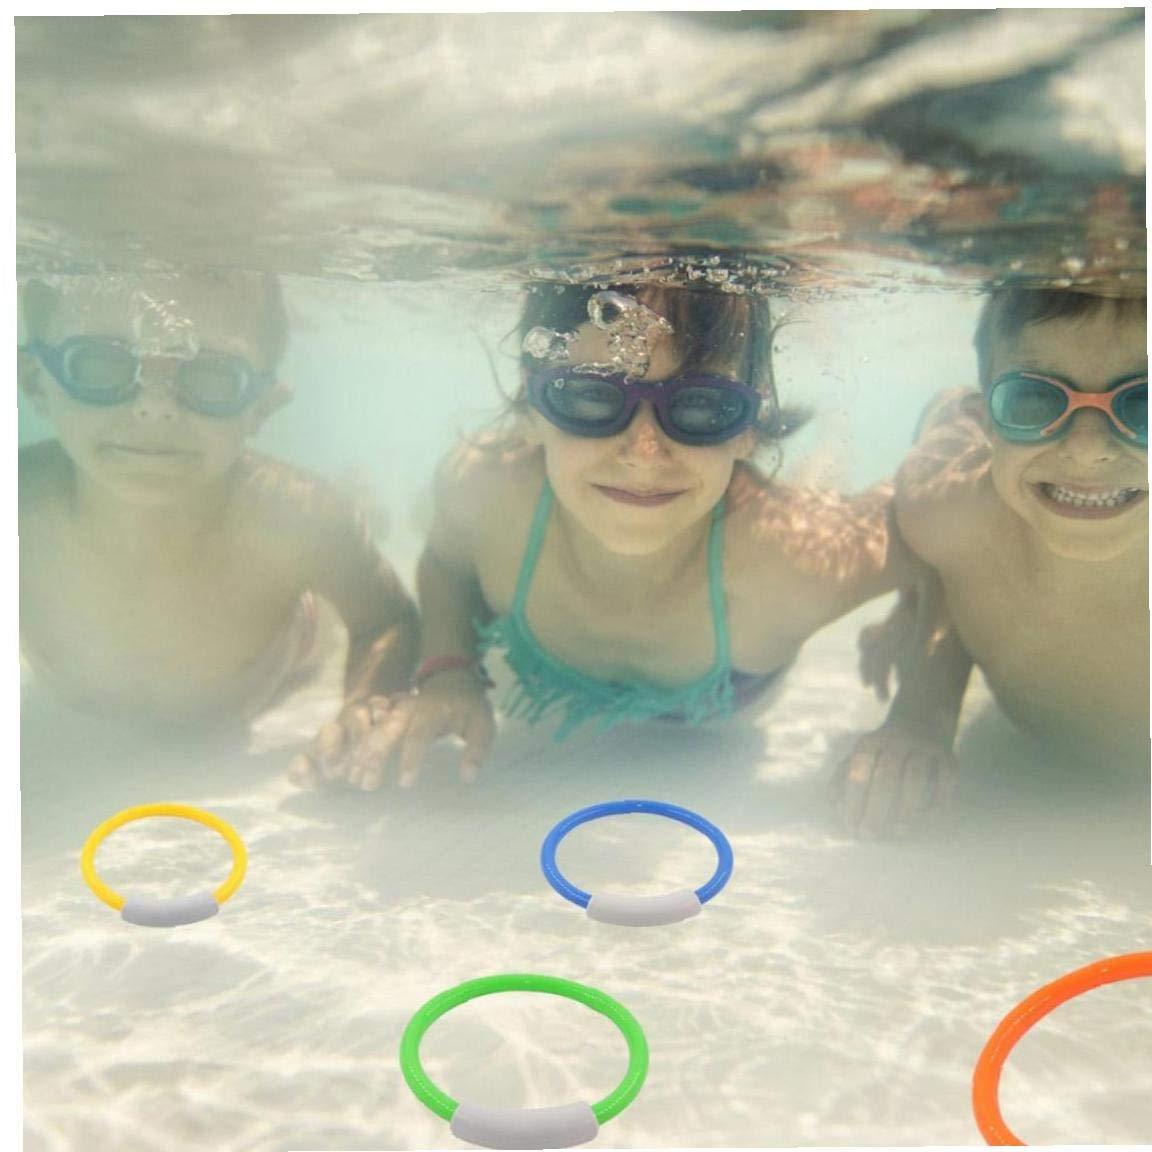 4pcs Set Dve Jouets pour Les Enfants Piscine Jouets Piscine Plong/ée Throwing Anneau Jeu /ét/é Plong/ée sous-Marine Sport Aquatique Jouet